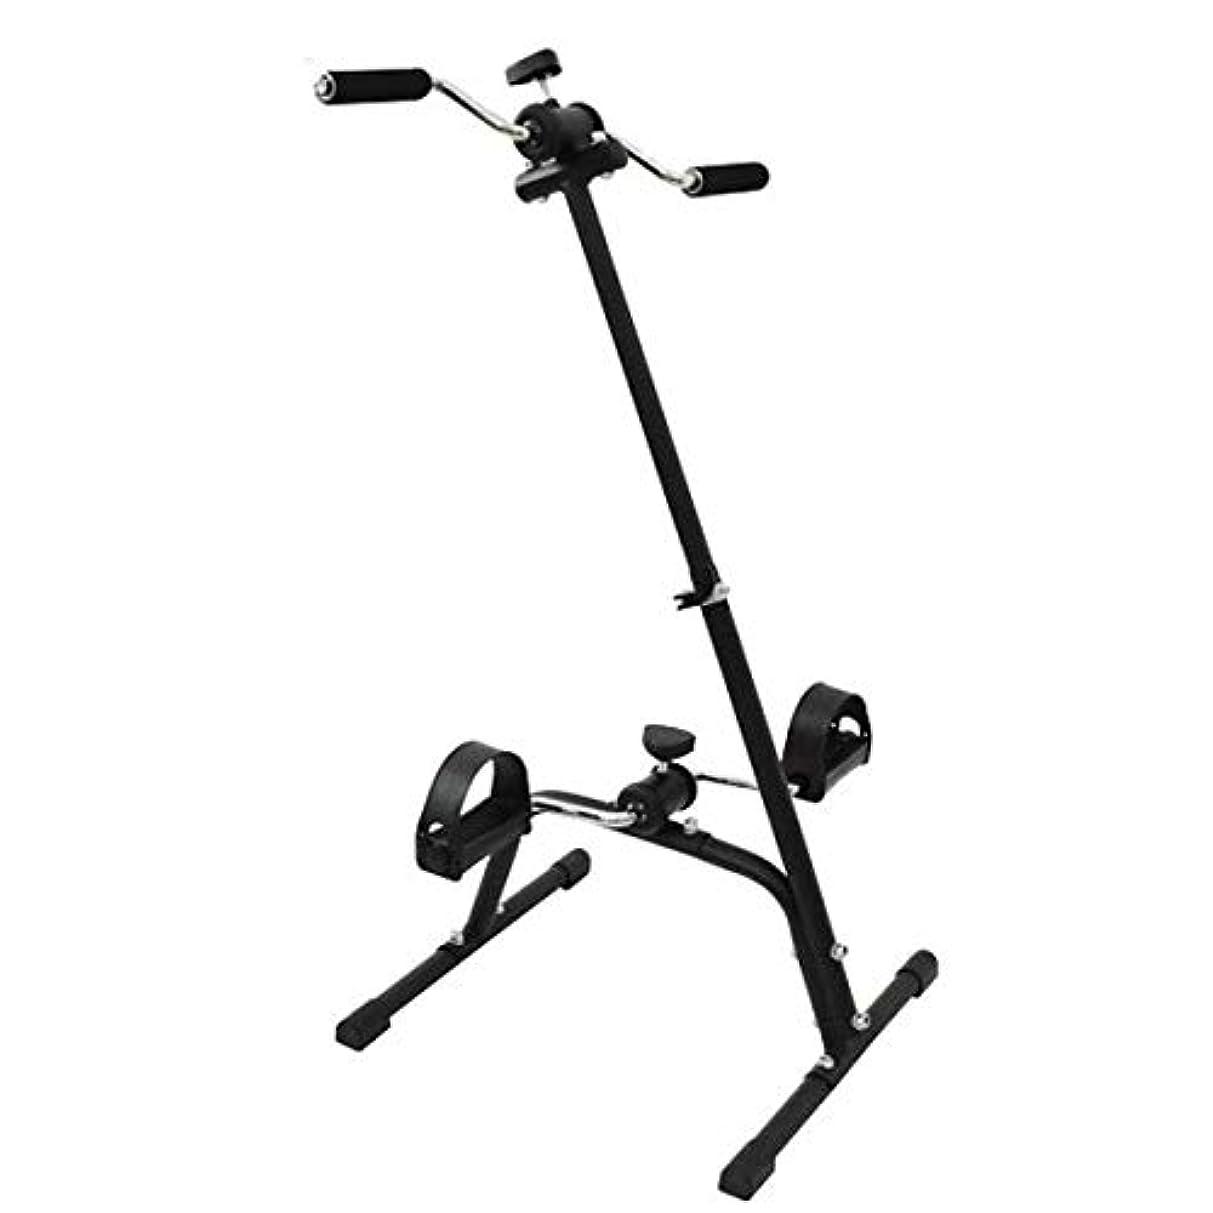 液化する正直ケーブルカーホームレッグアームペダルエクササイザー、高齢者障害者リハビリテーション訓練ツール、上肢および下肢脳卒中片麻痺、自転車フィットネス機器のワークアウト,A